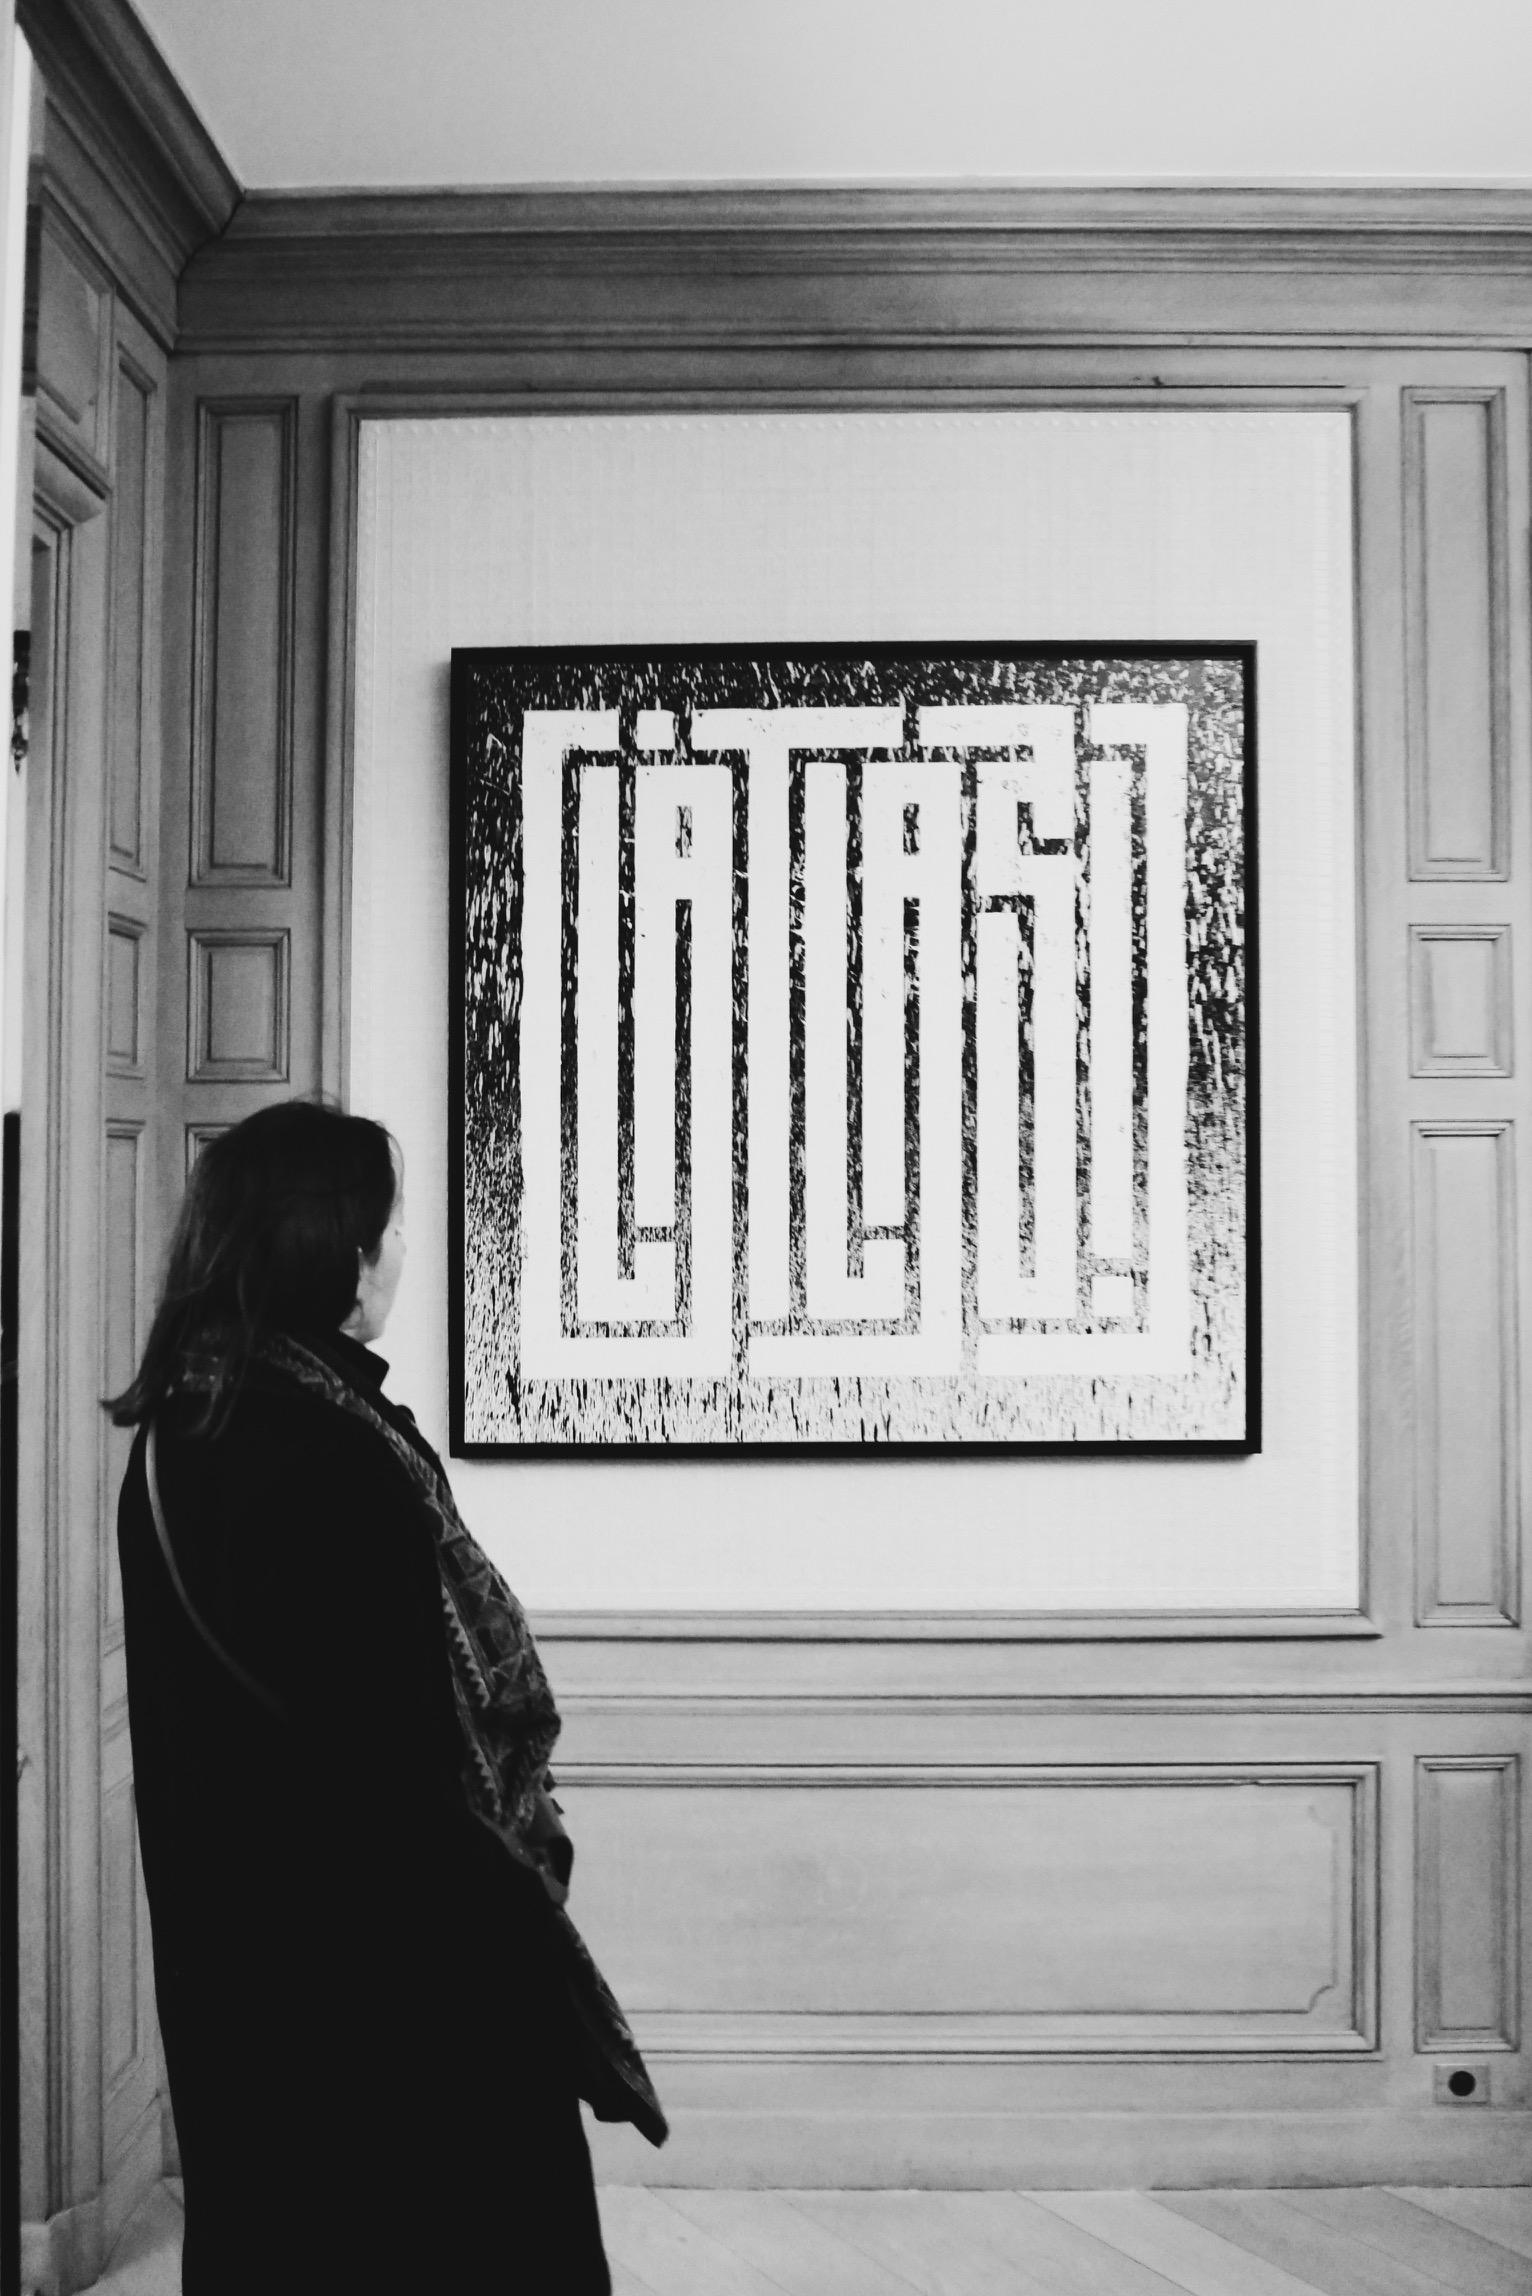 L-Atlas-Fluo-Rain-2016-laque-aérosol-sur-toile-Maison-Guerlain-Paris-expo-street-art-photo-usofparis-blog